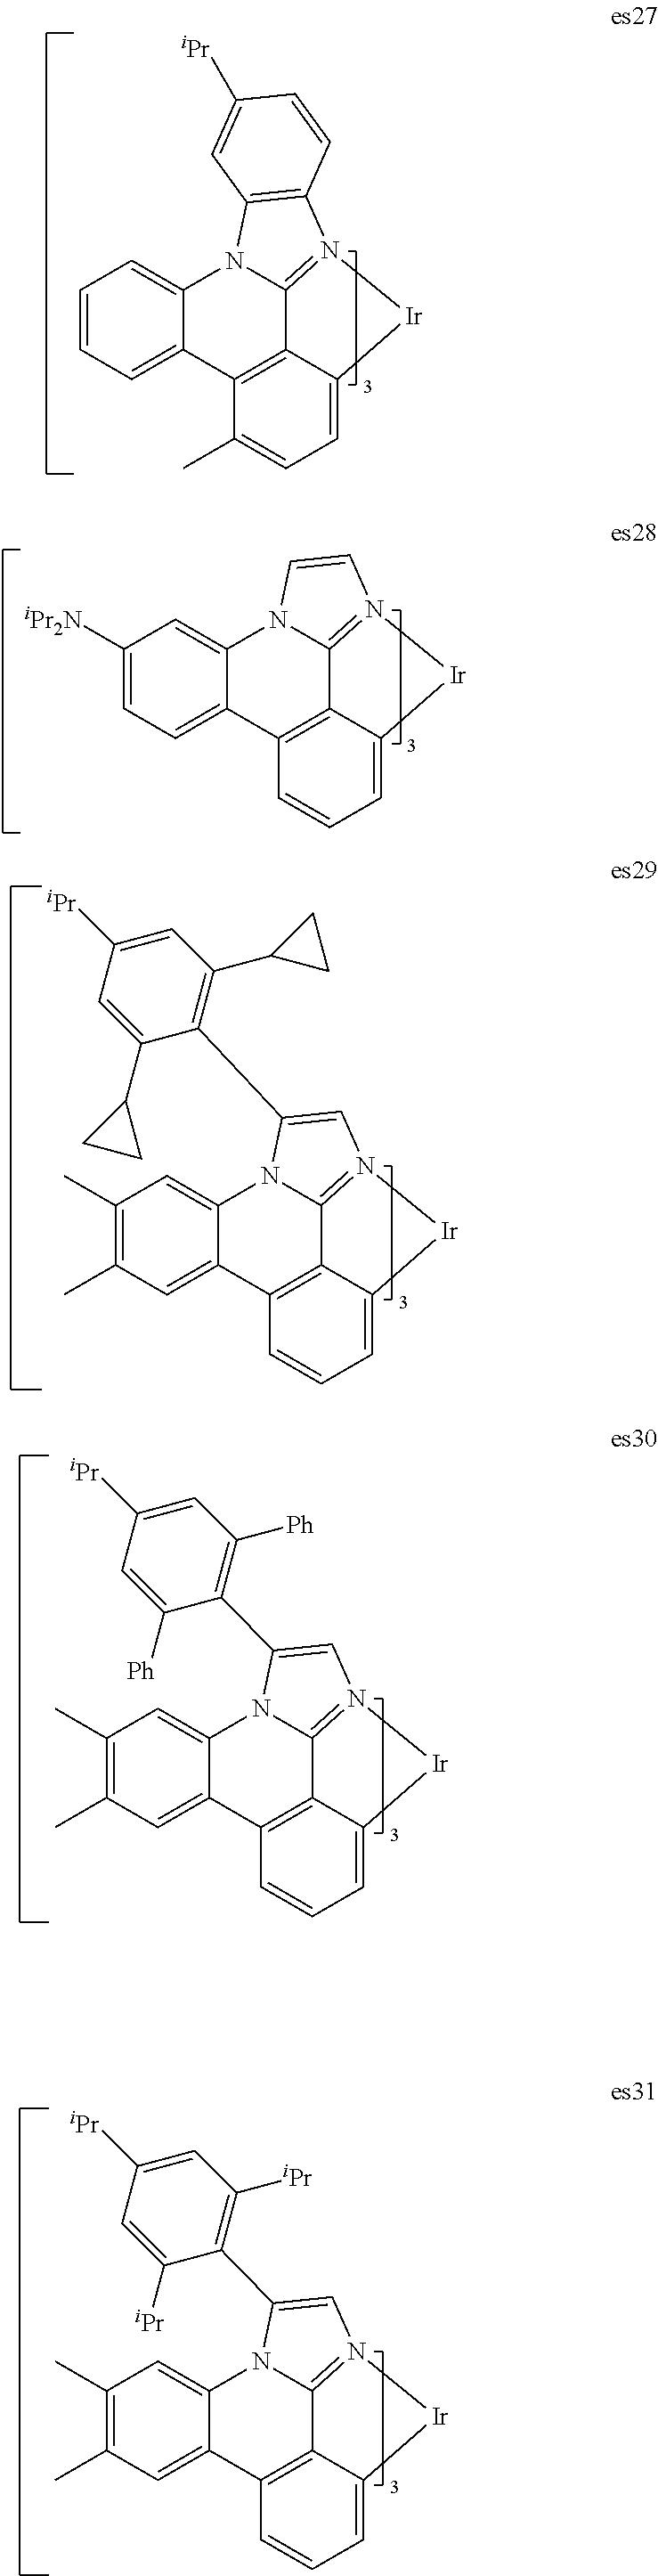 Figure US20110073849A1-20110331-C00015